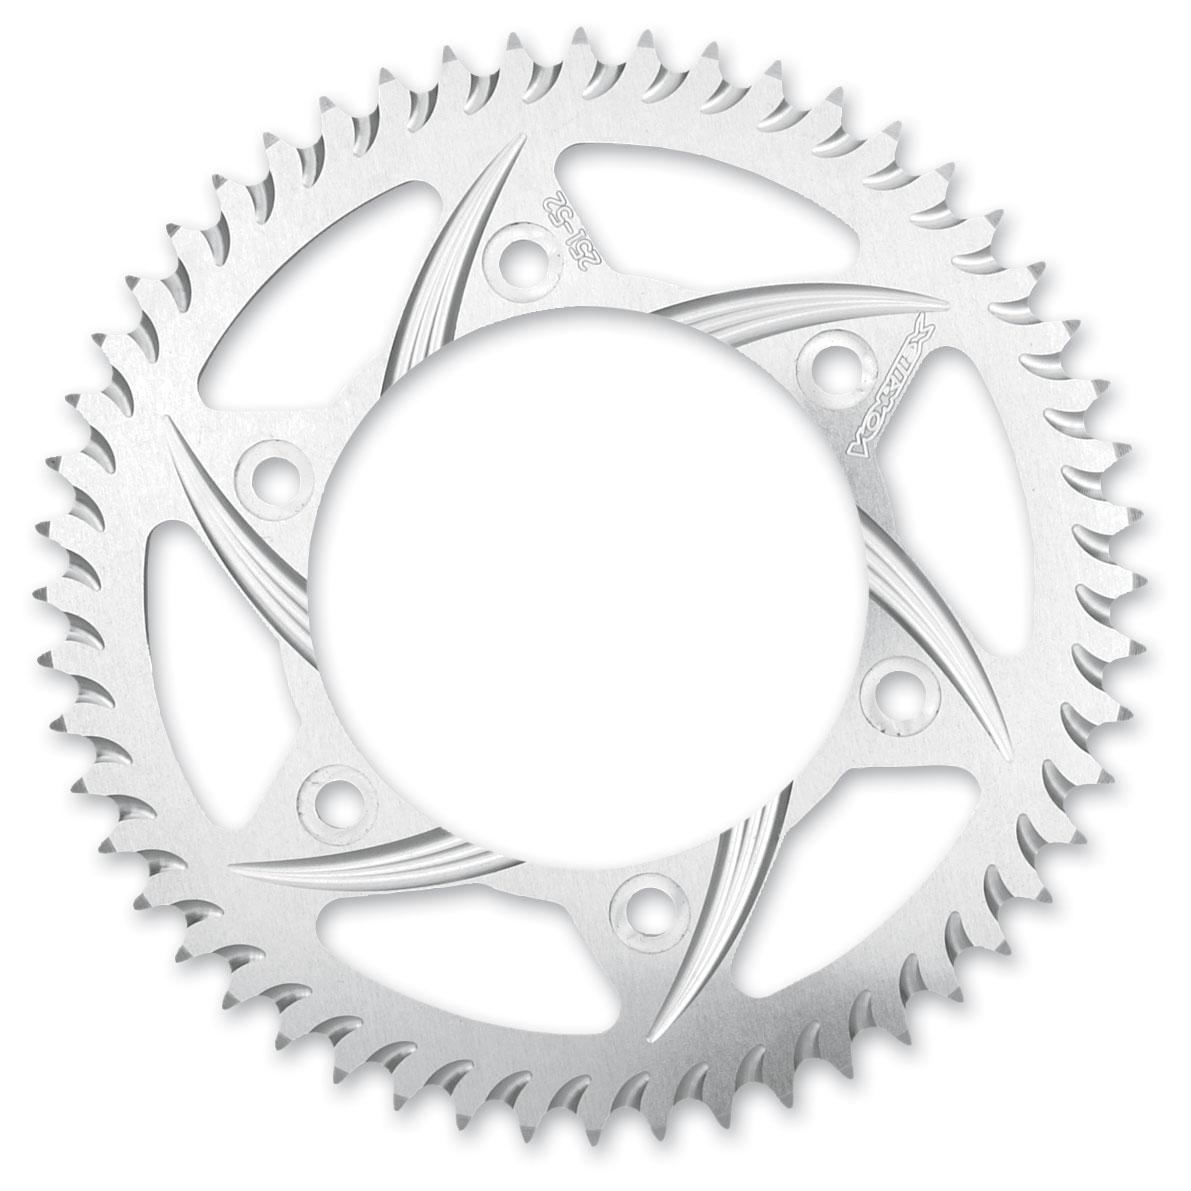 Vortex Rear Sprocket 520 Conversion 44T Silver